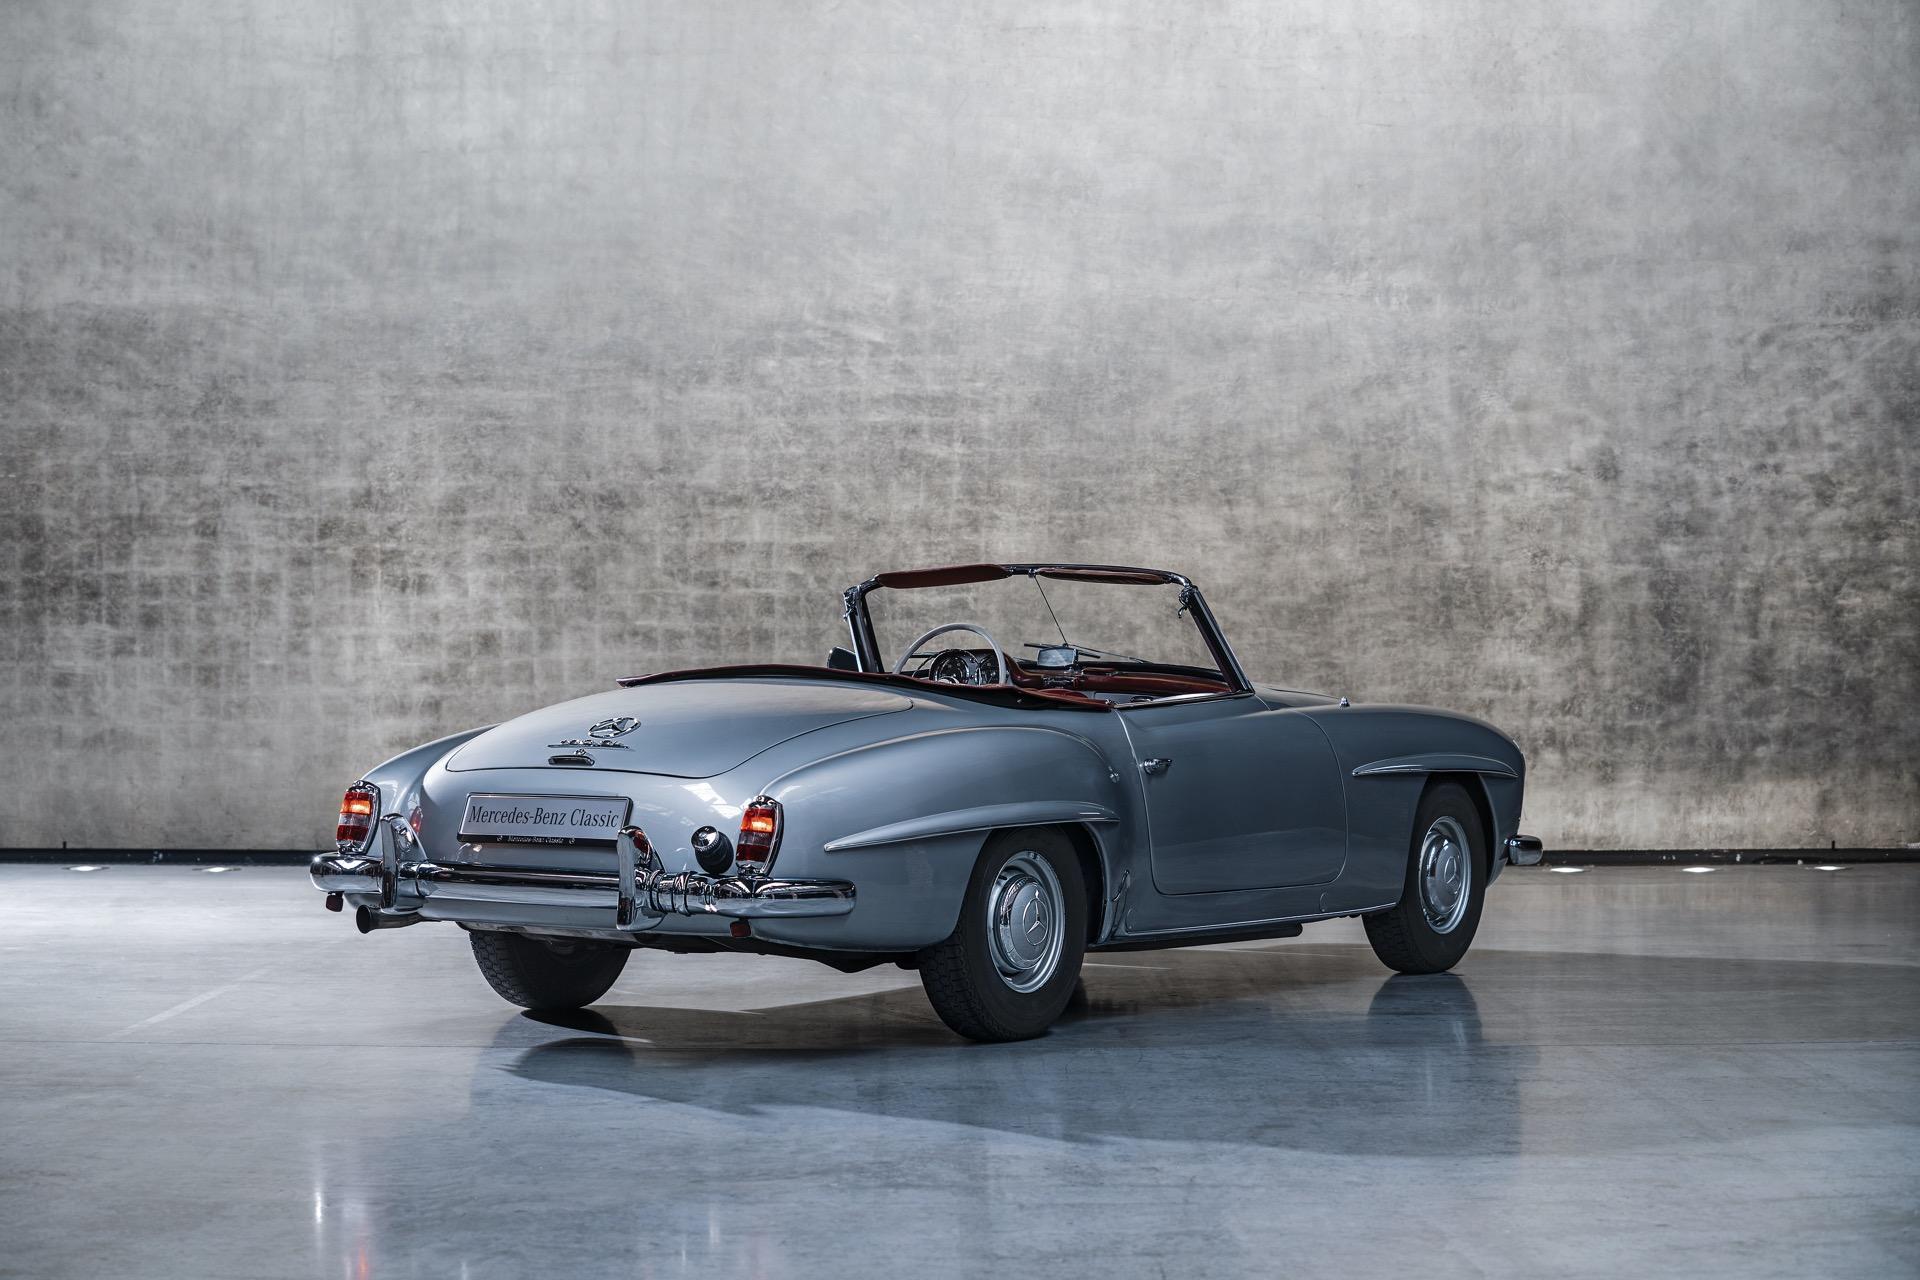 مرسيدس بنز 190 SL (W121) - من 1955 إلى 1963